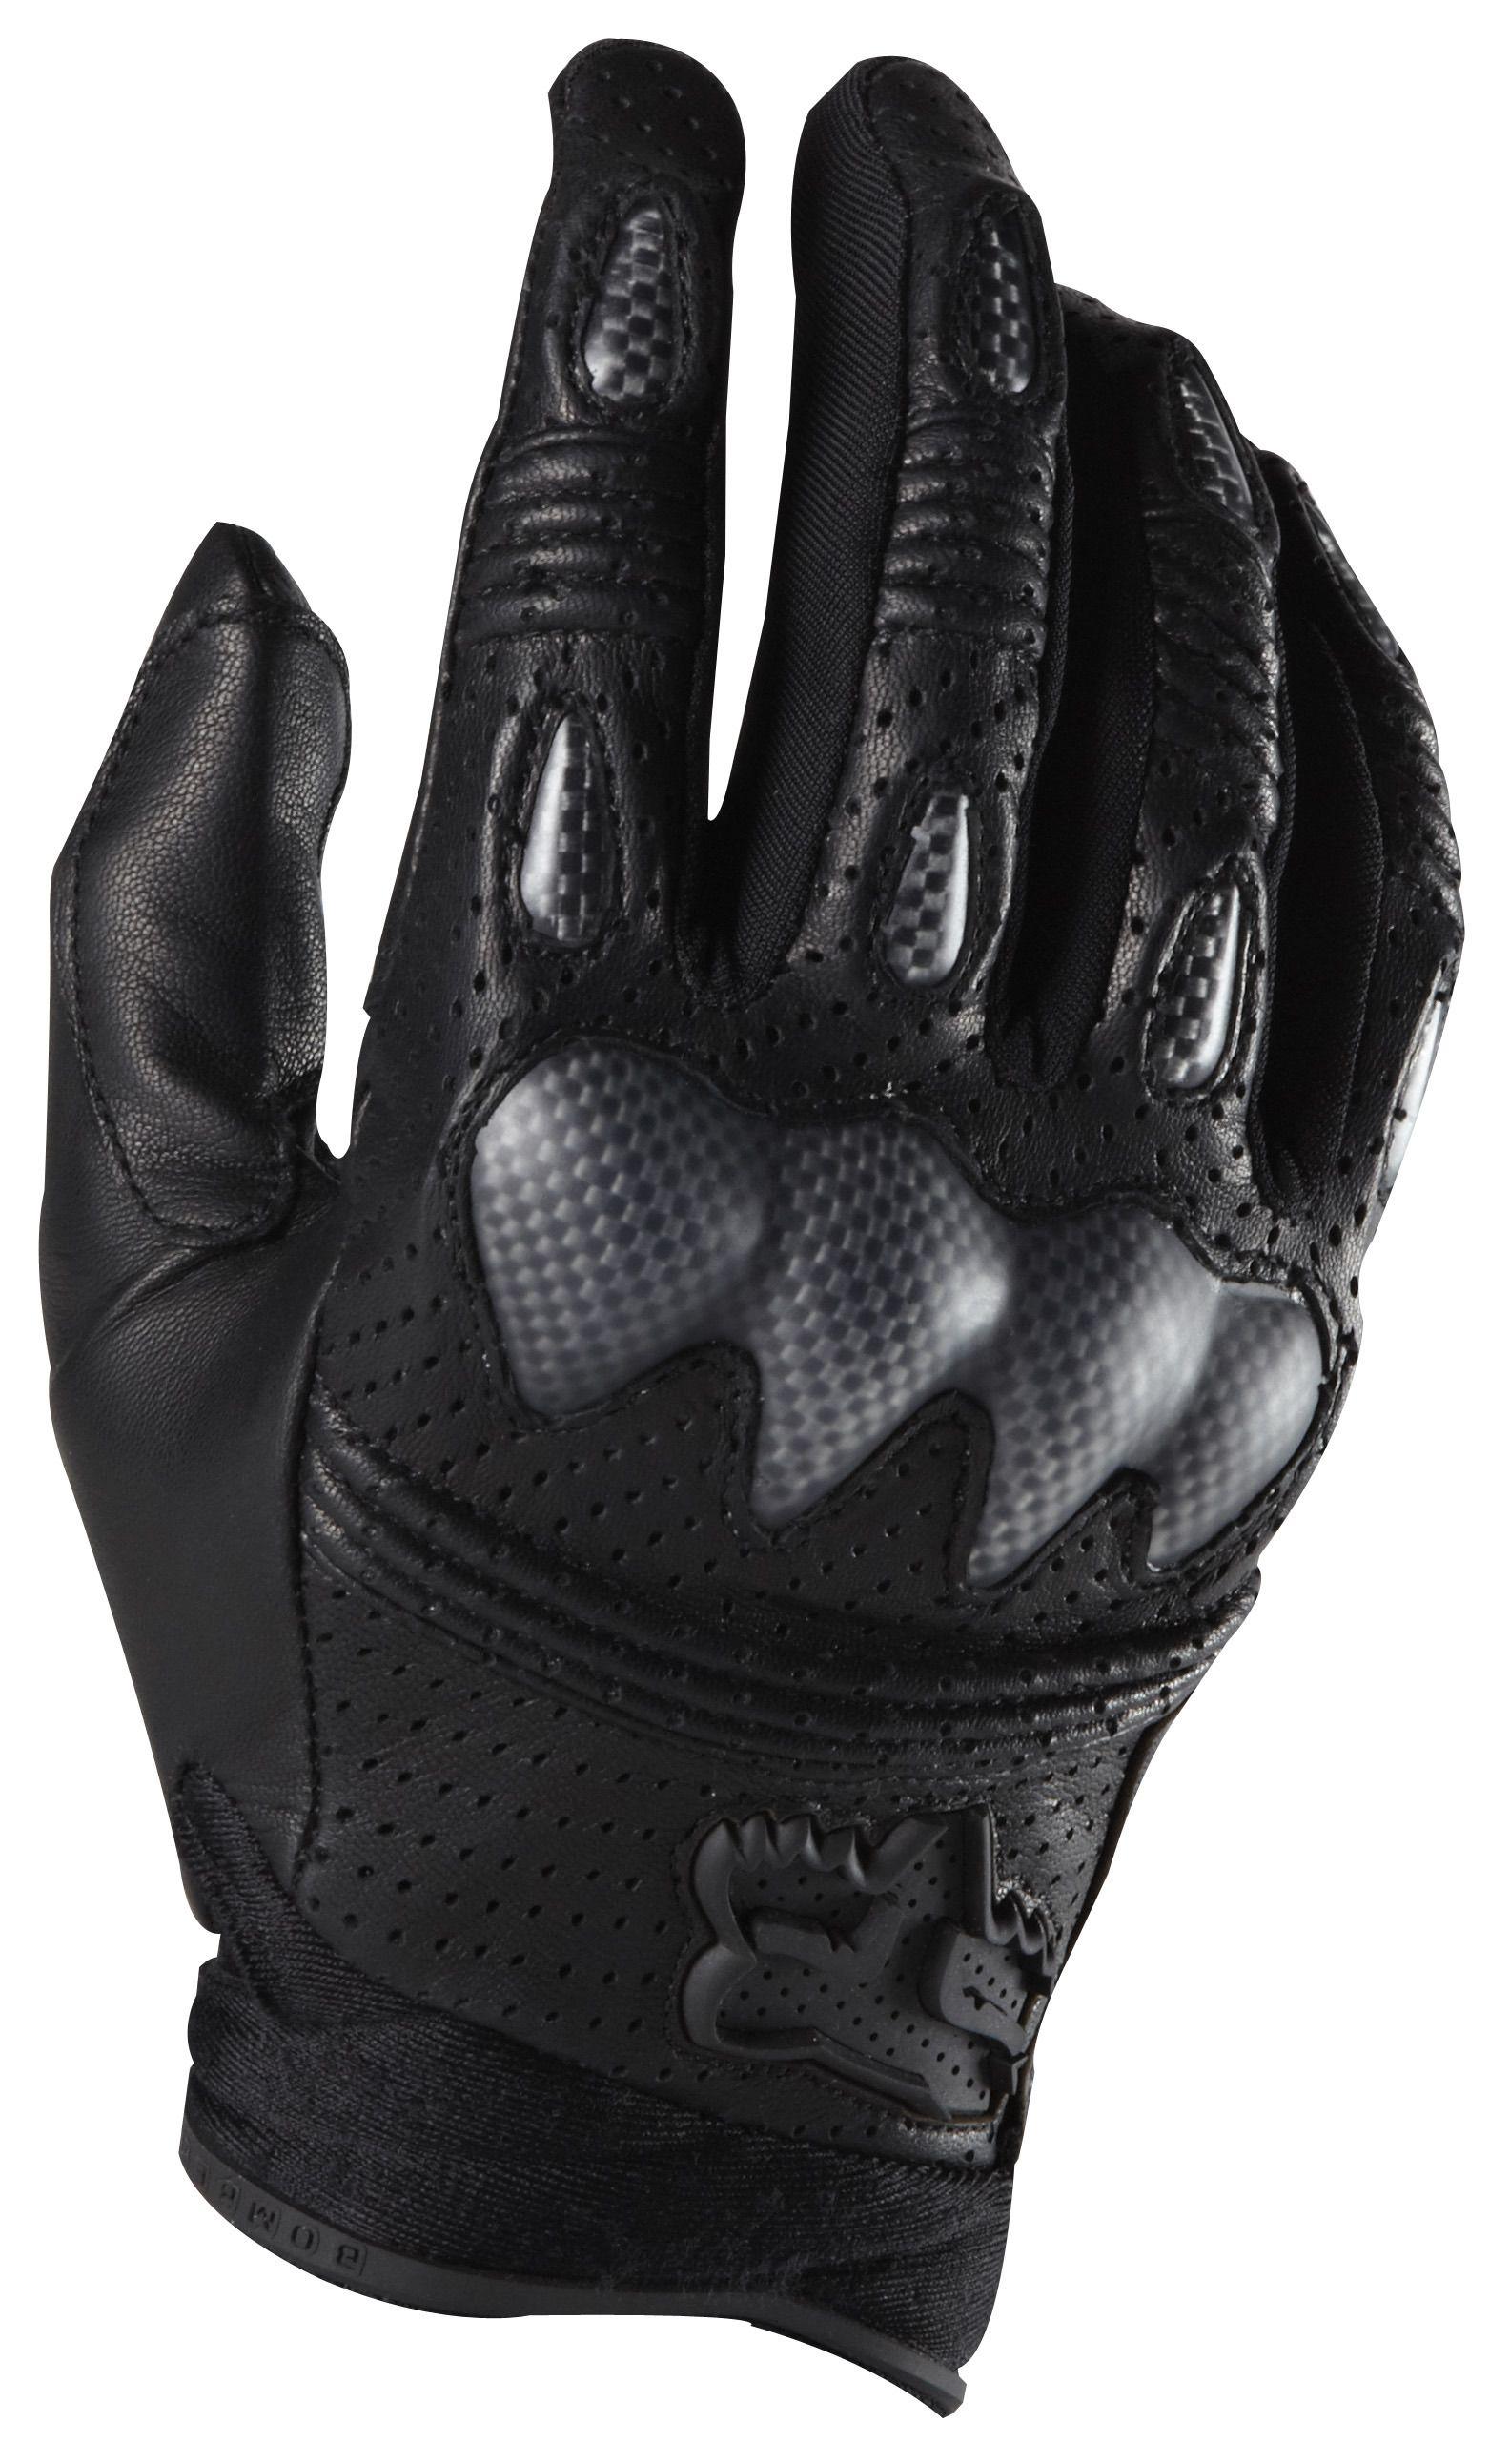 Black gloves sulit - Black Gloves Sulit 1